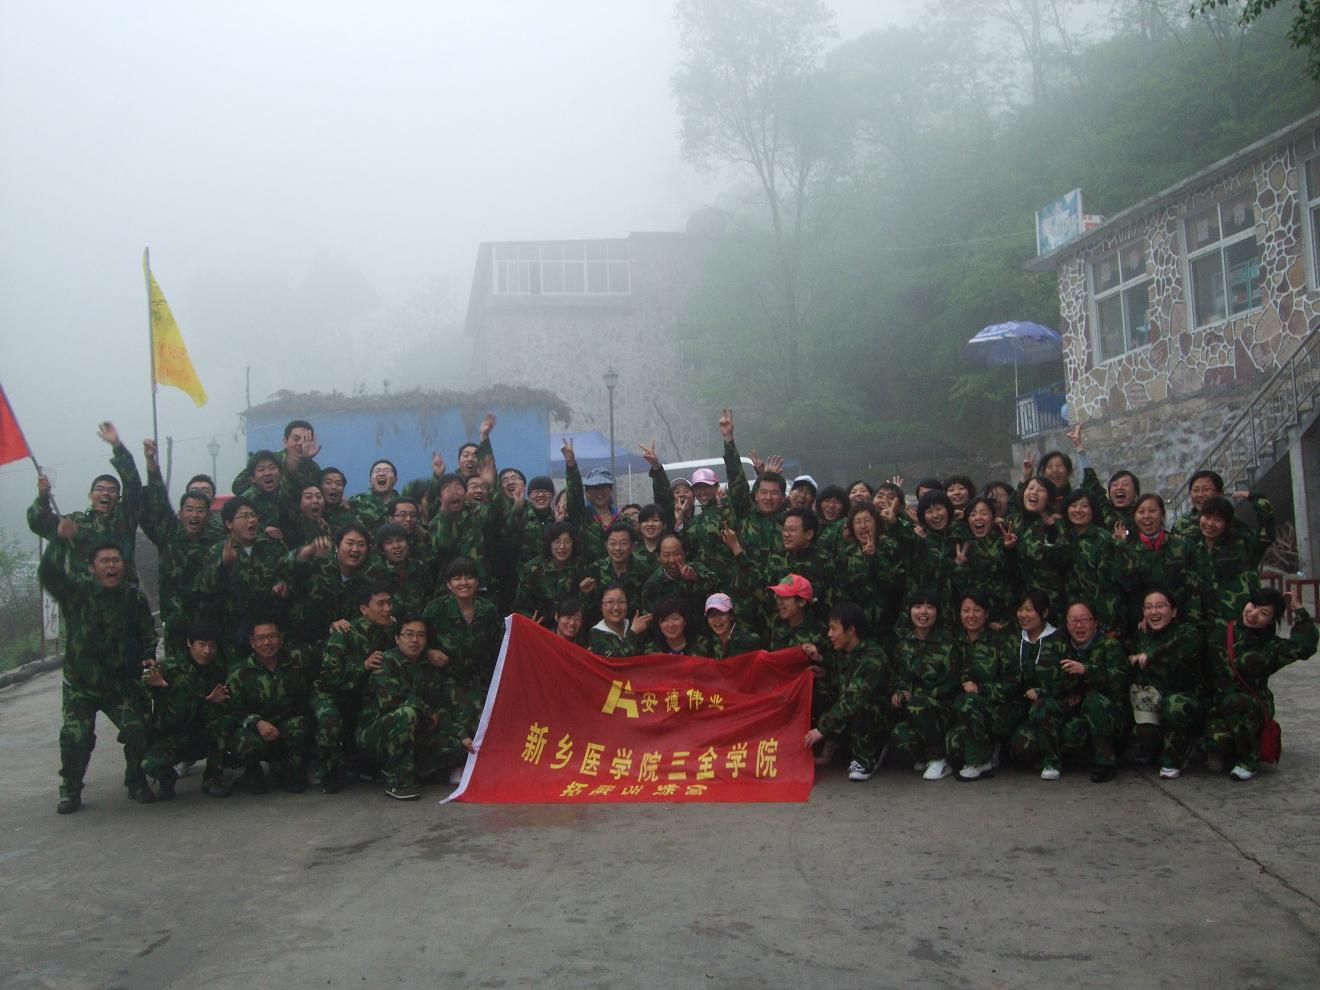 河南郑州拓展训练培训公司真人cs野战青少年 高清图片